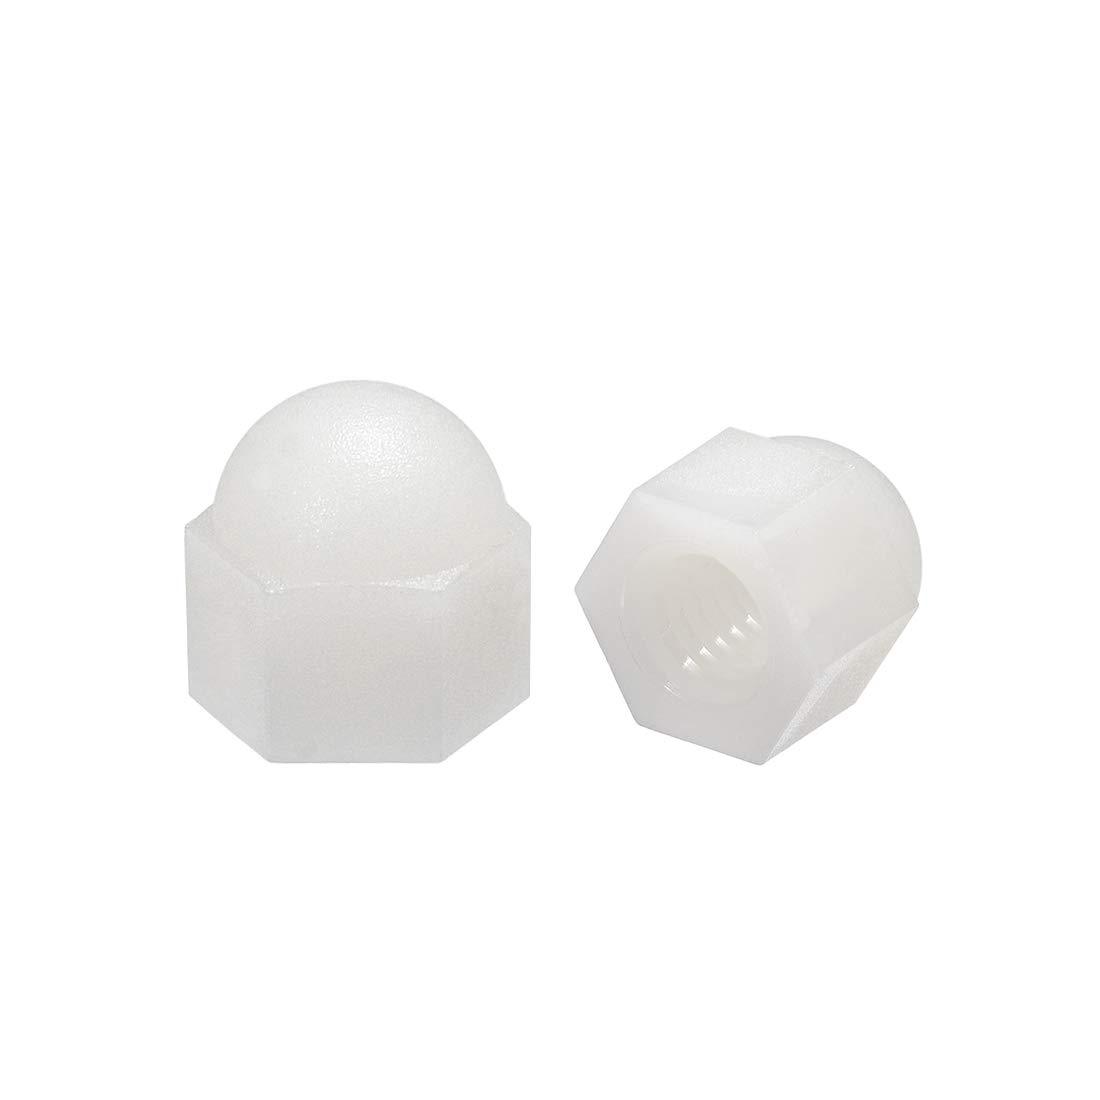 Tuercas de cabeza de c/úpula de bellota hexagonal para Tornillos Pernos negra de nylon 20 uds sourcing map Tuerca de casquillo M3